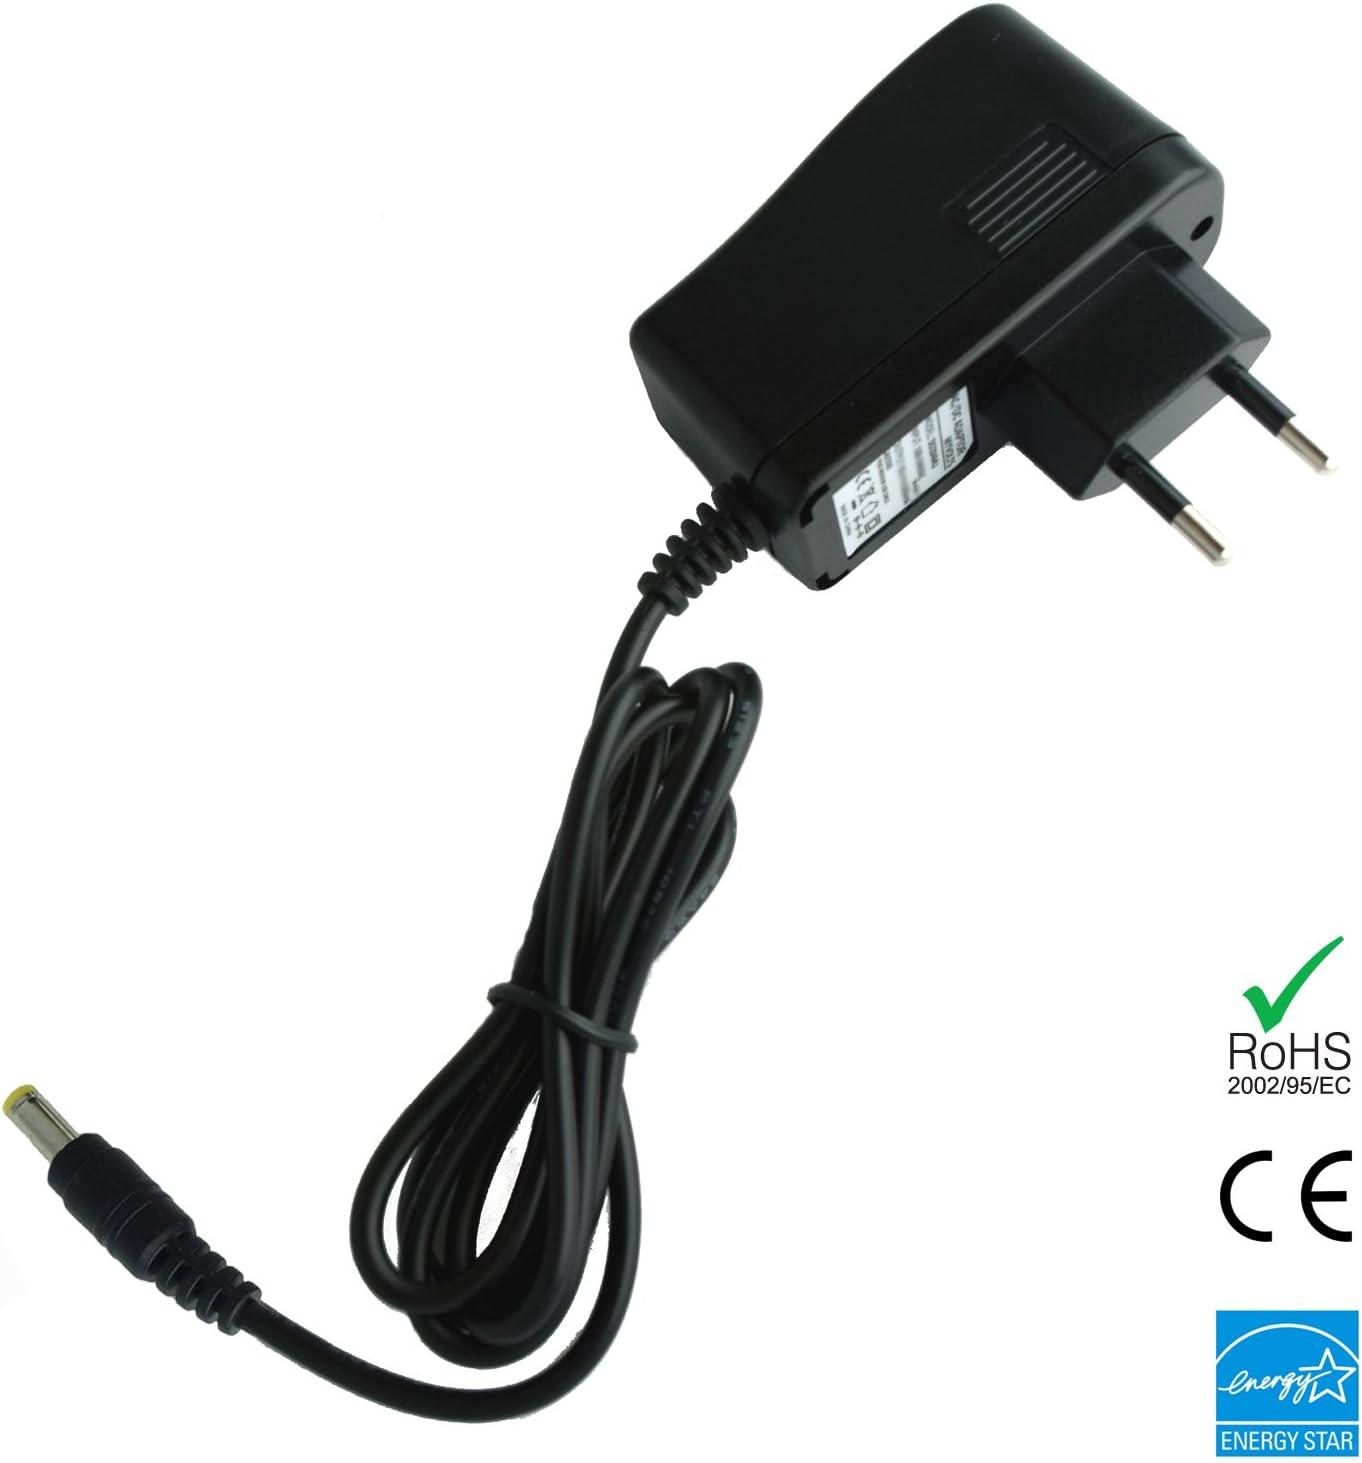 MyVolts Chargeur//Alimentation 9V Compatible avec Alesis Q49 Contr/ôleur MIDI Adaptateur Secteur Prise fran/çaise